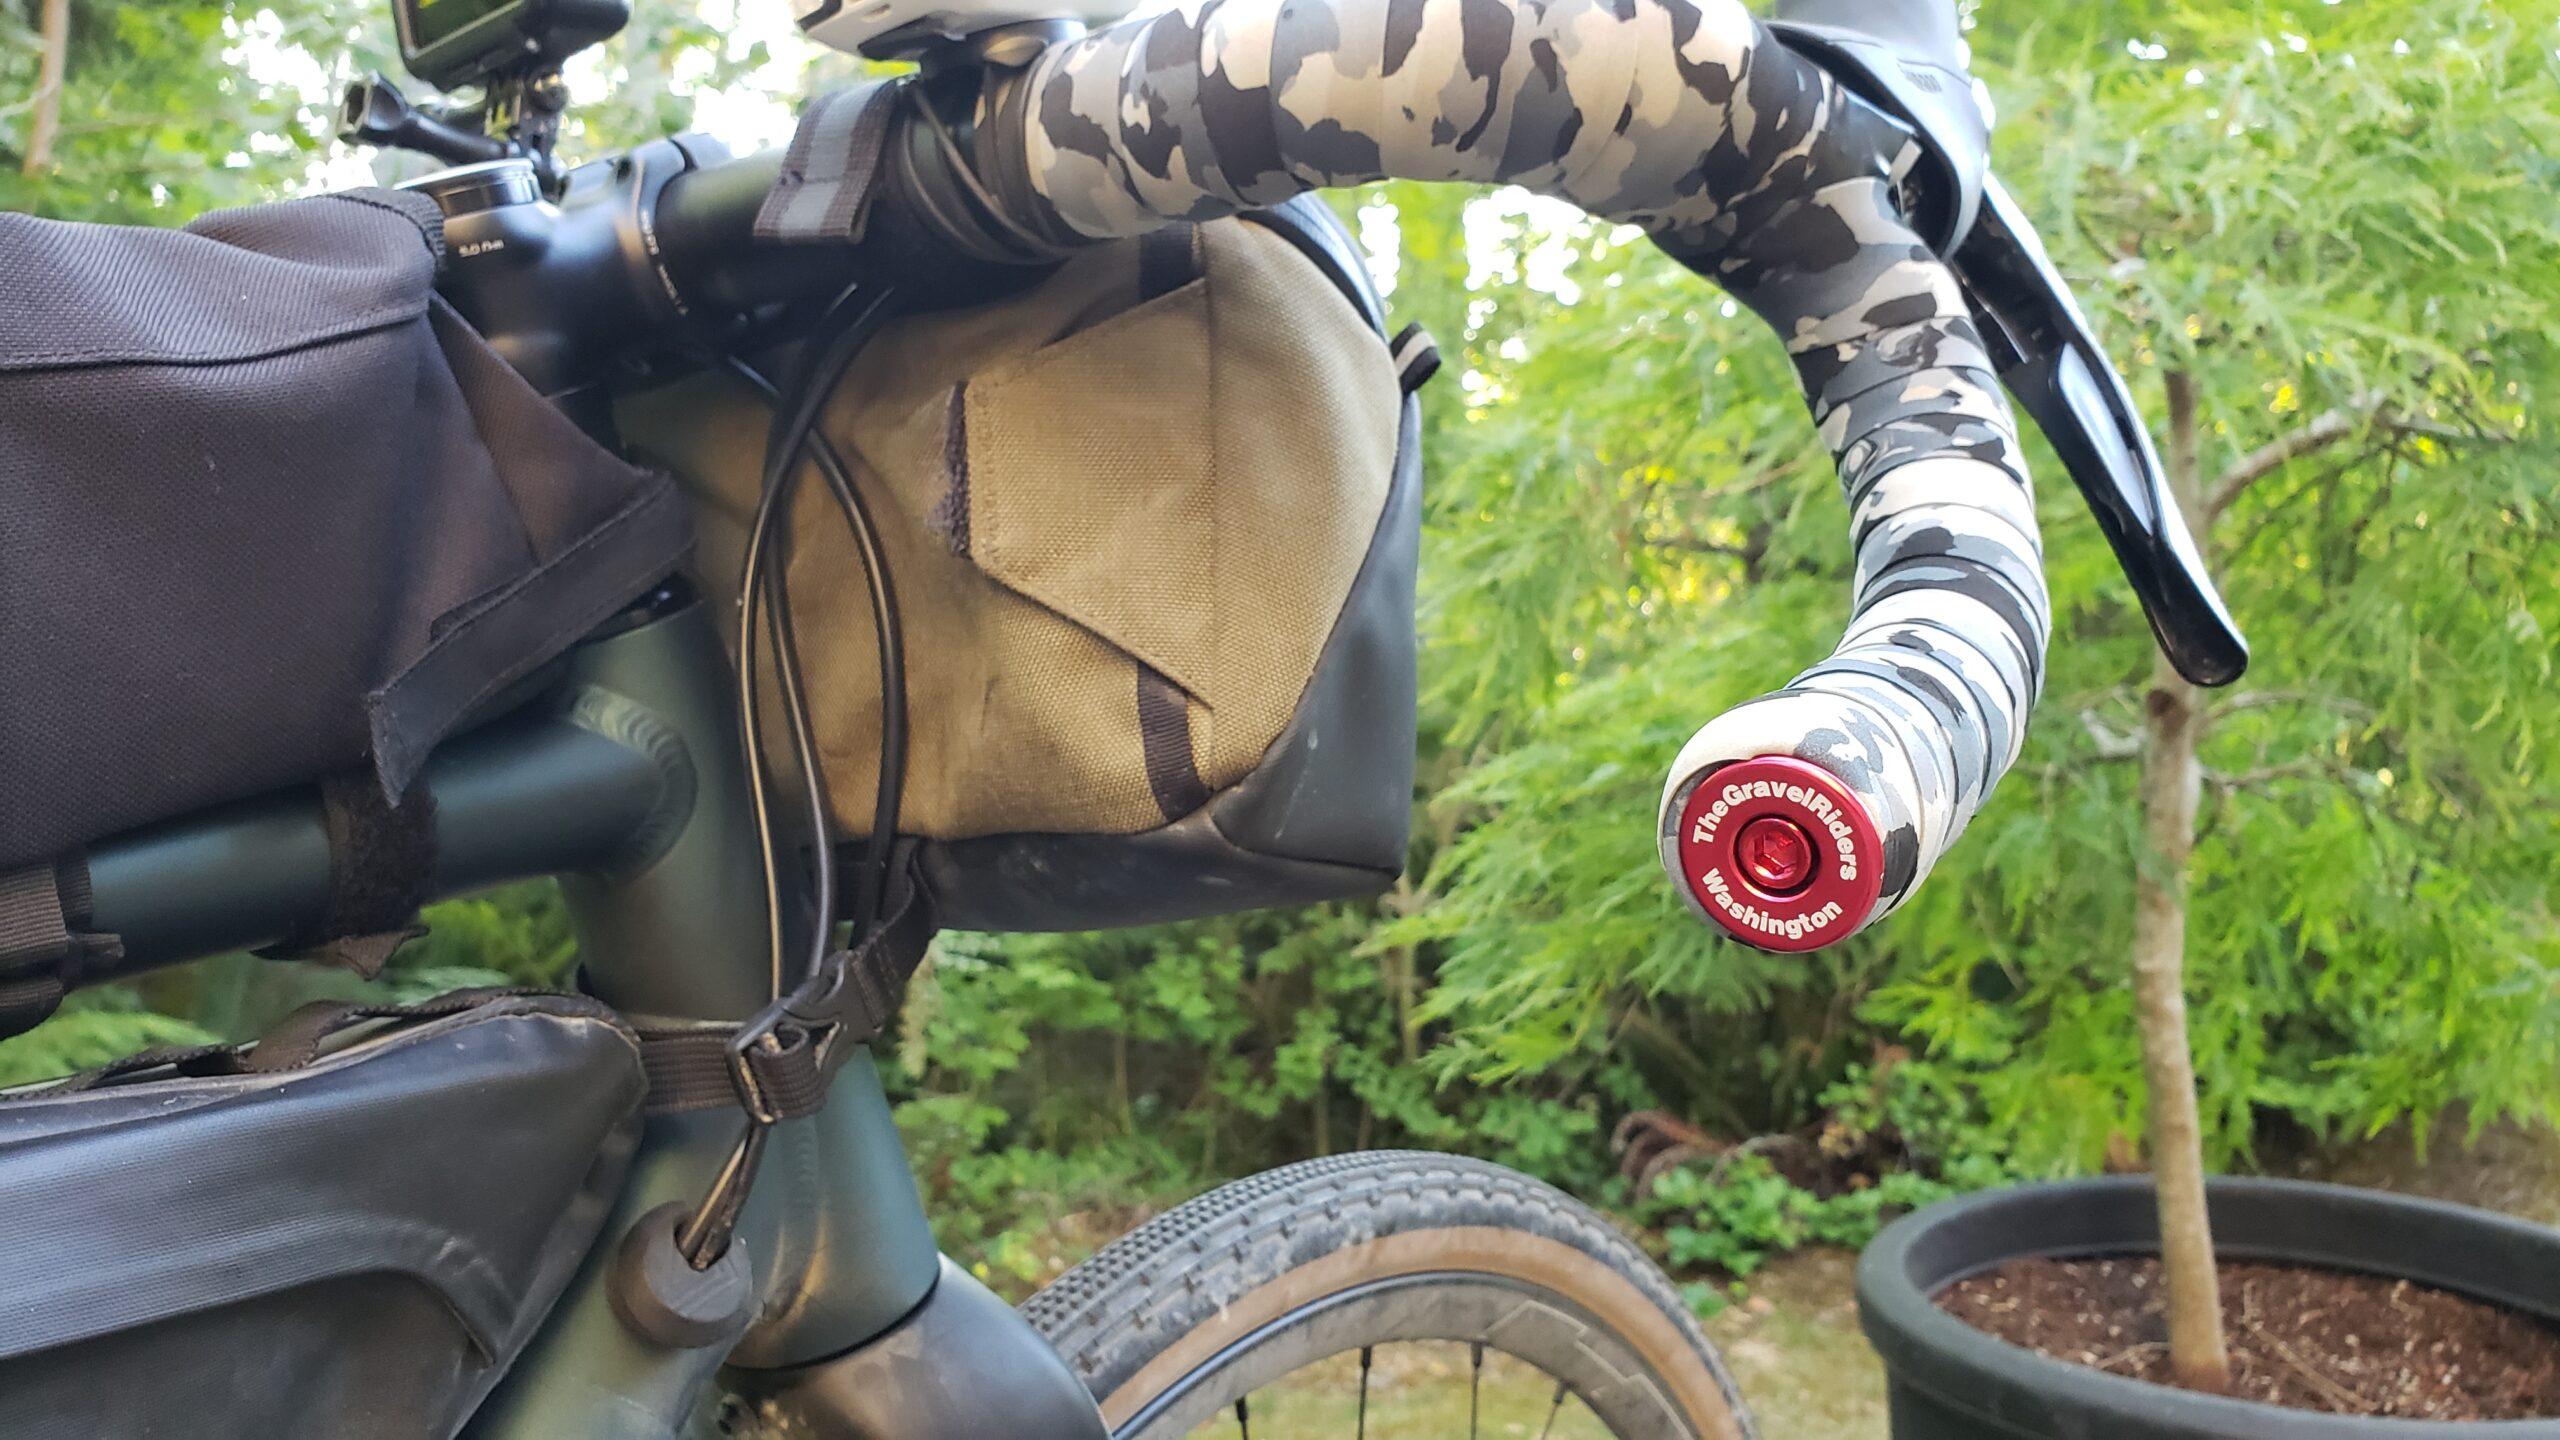 bike handlebars with custom bar ends